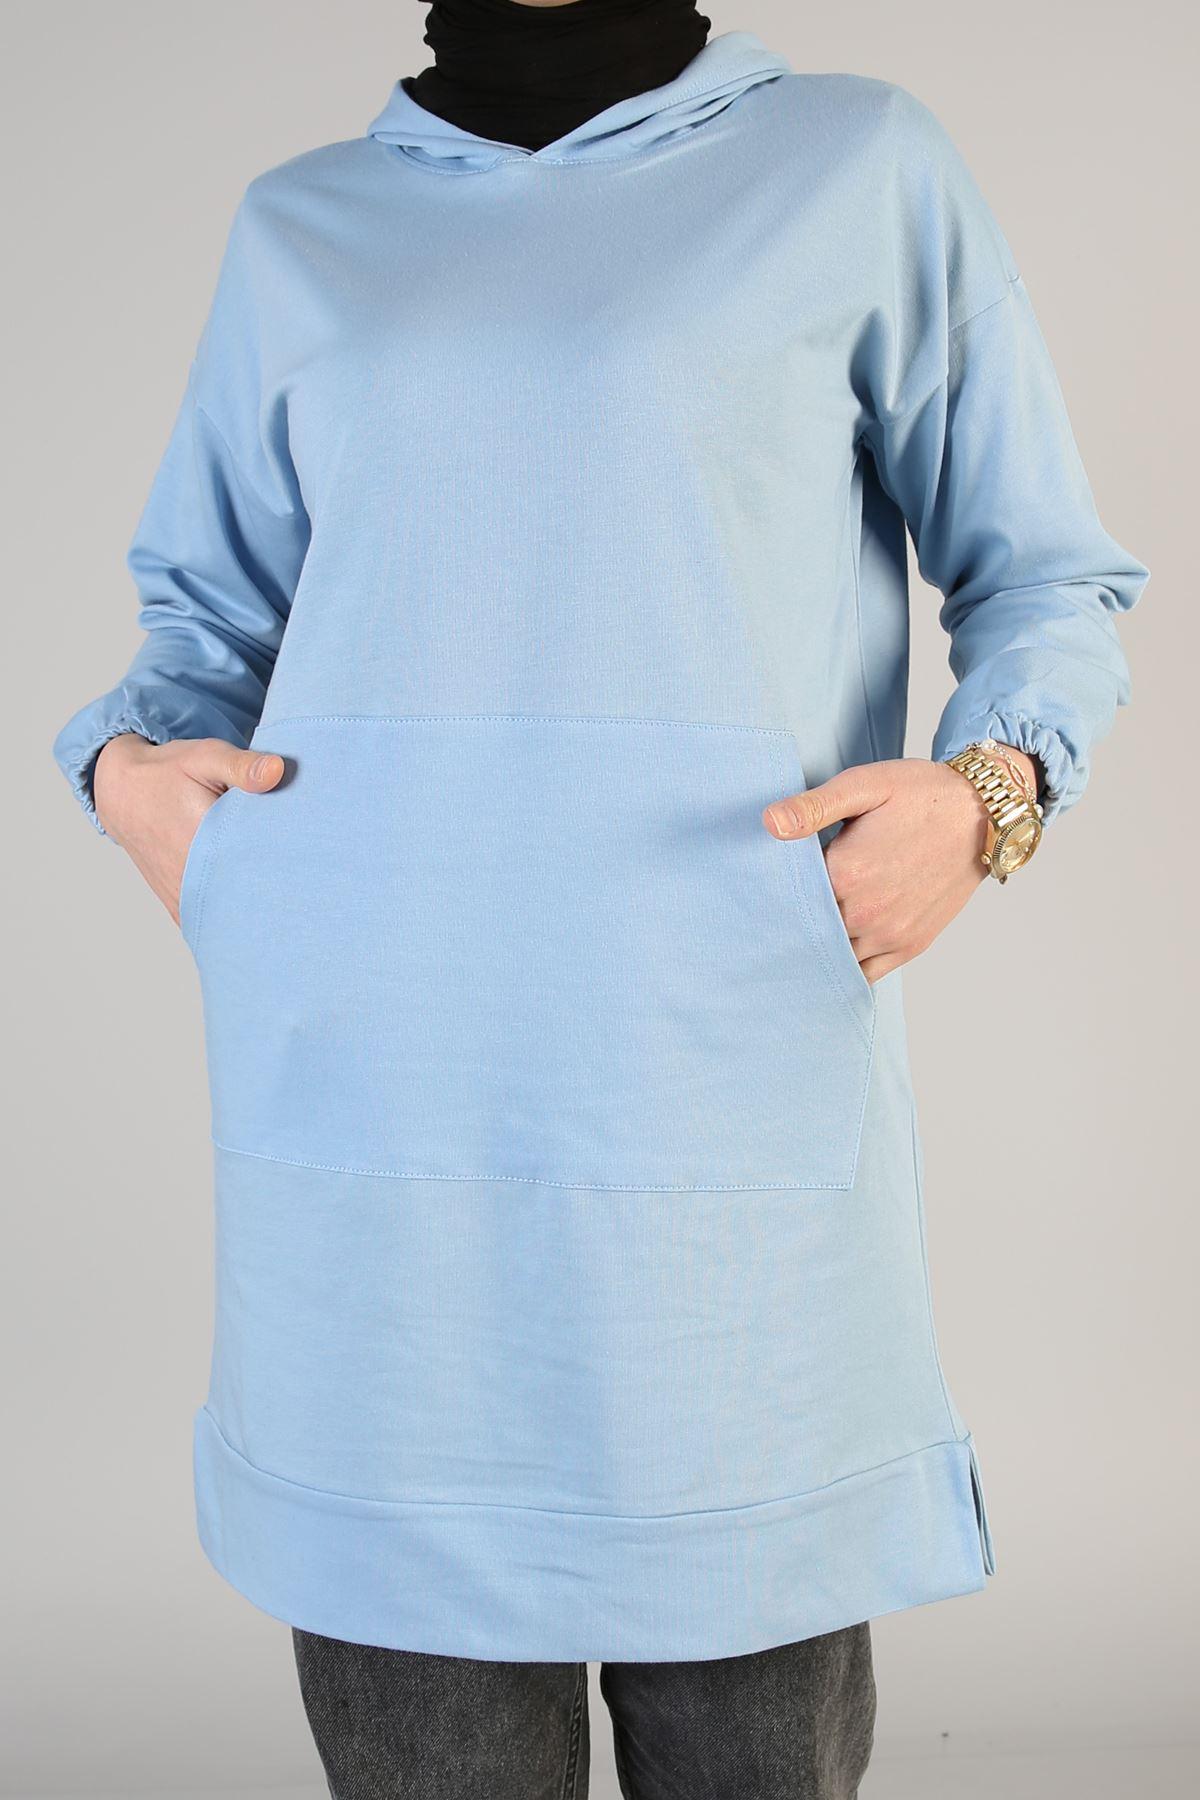 Ön Cep Detay Kapşonlu-Bebe Mavisi